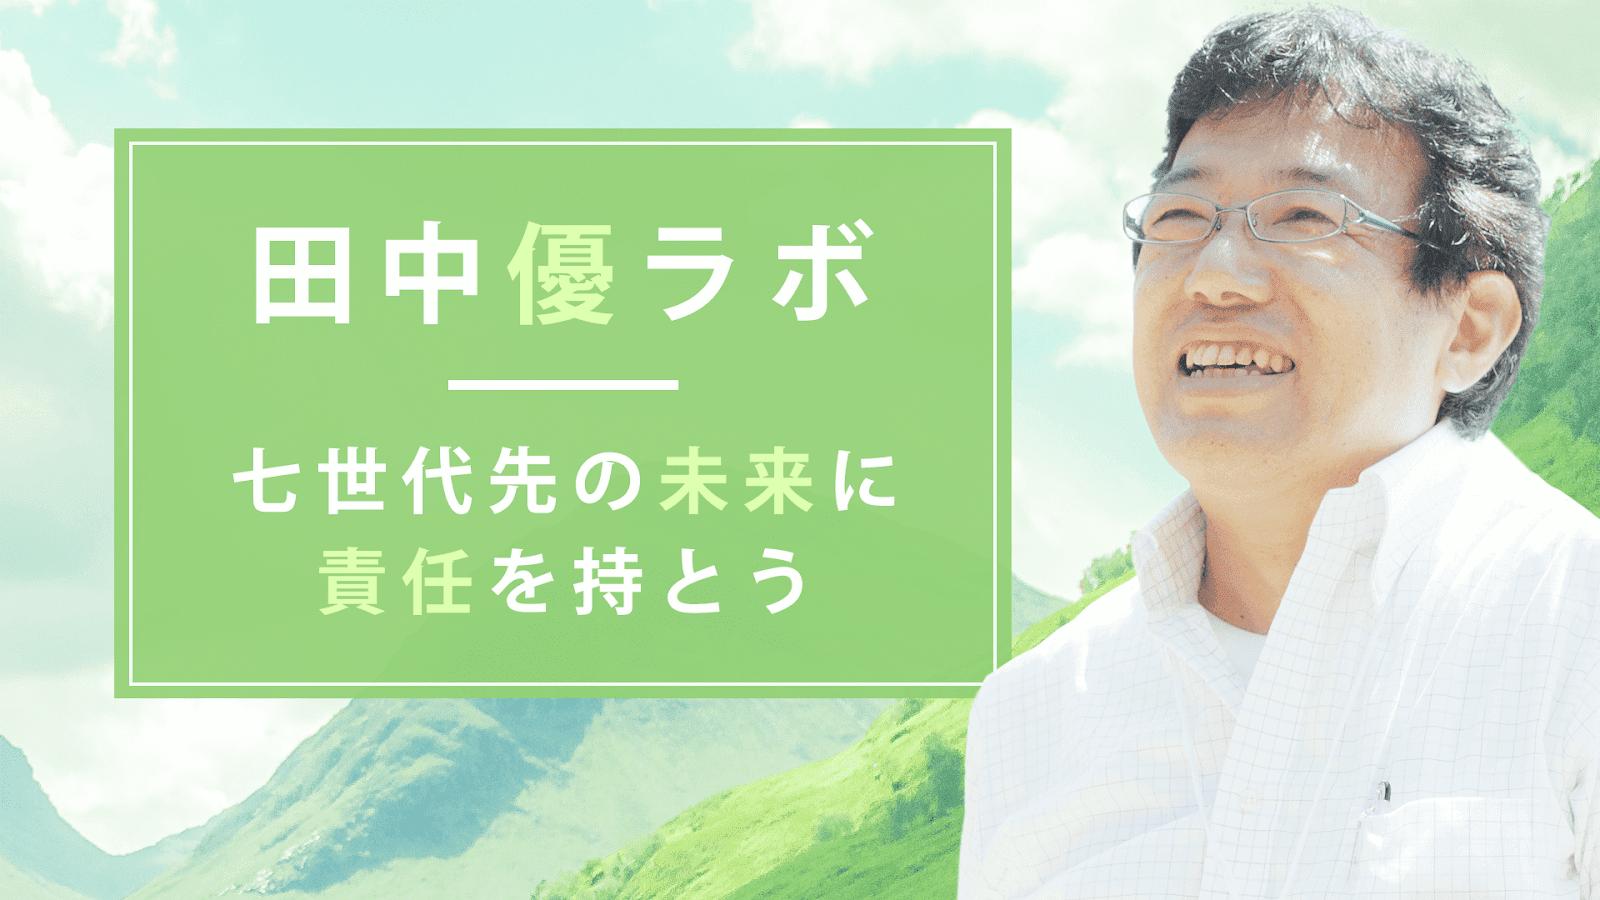 第一期募集中!『田中優ラボ - 七世代先の未来に責任を持とう -』